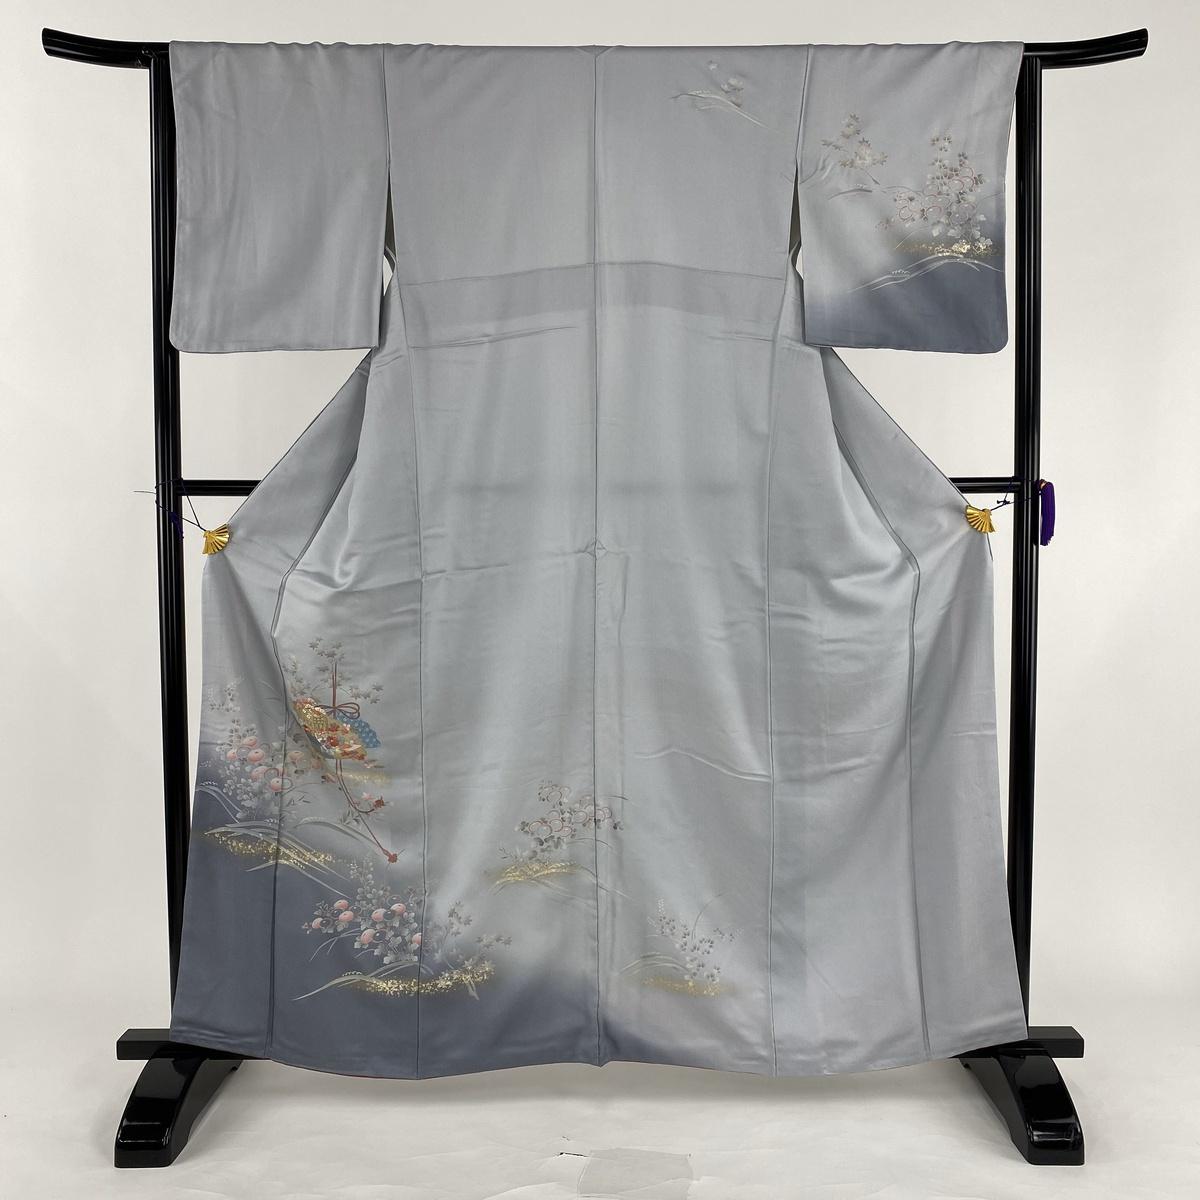 訪問着 美品 秀品 御所車 万寿菊 金銀彩 刺繍 グレー 袷 身丈162cm 裄丈64cm M 正絹 【中古】